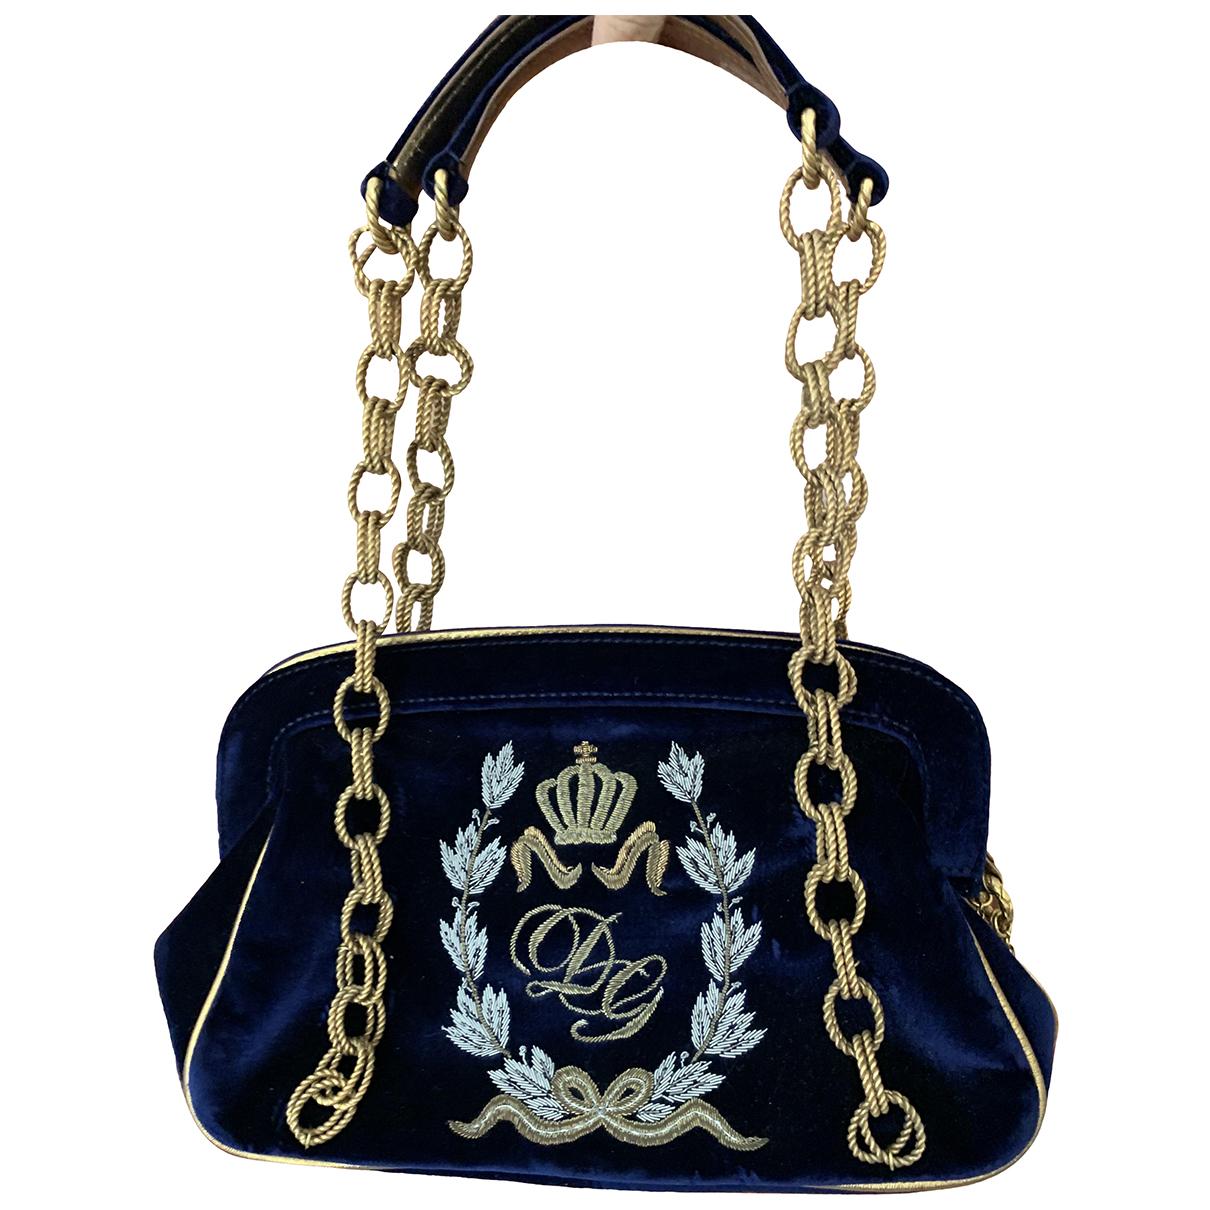 Dolce & Gabbana \N Handtasche in  Blau Samt